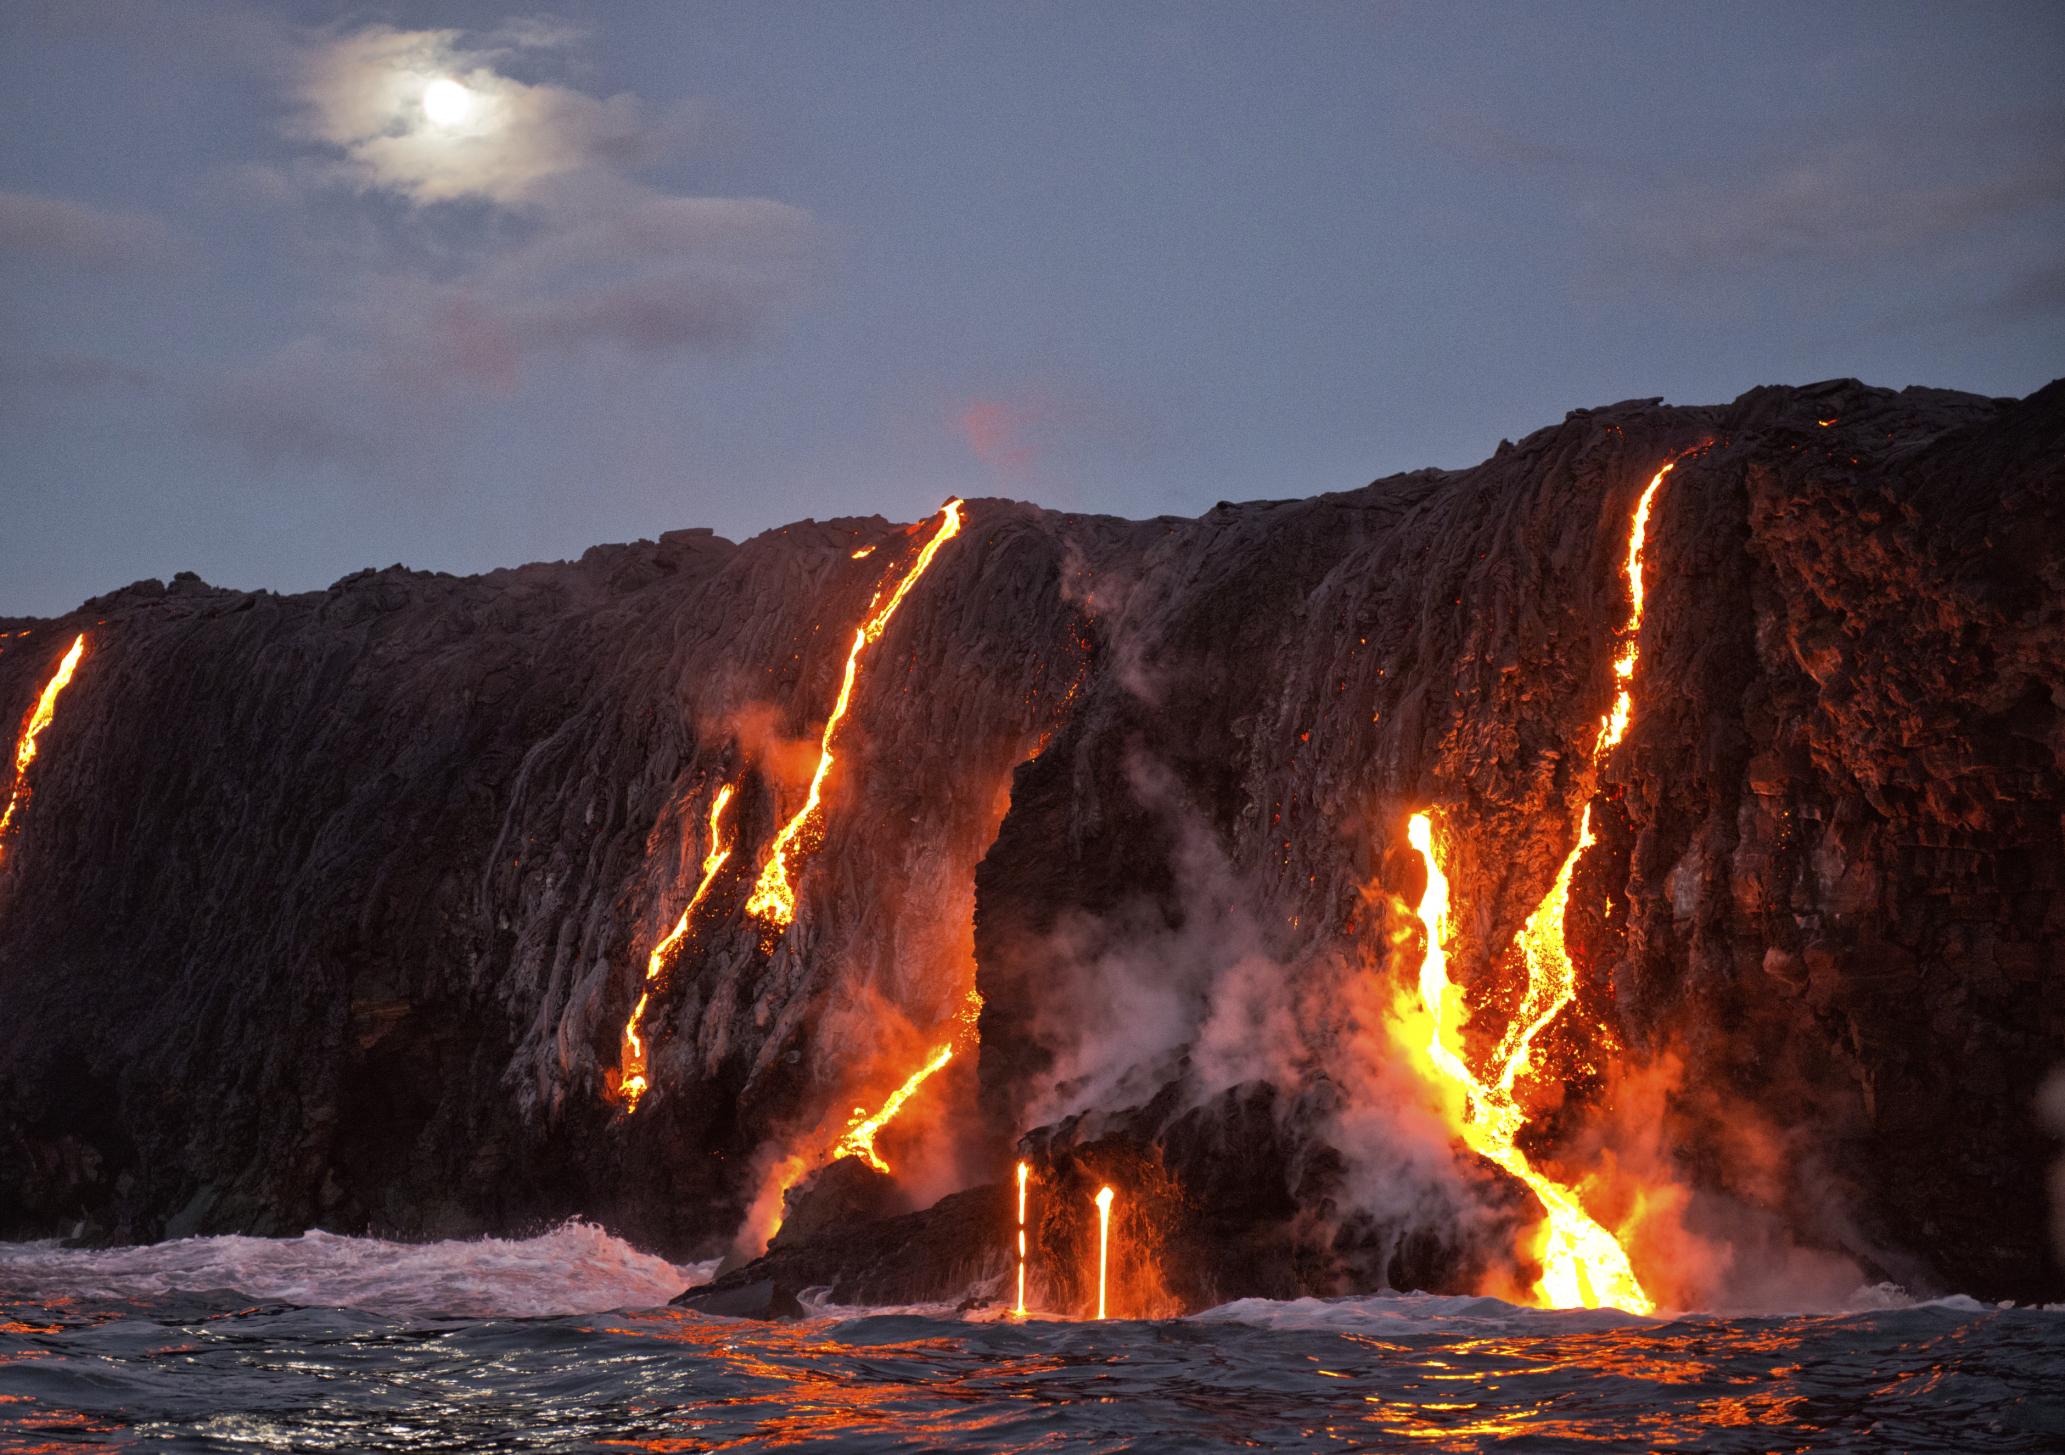 گدازه های آتشفشانی که از آتشفشان به درون آب وارد می شود (ThinkStock)